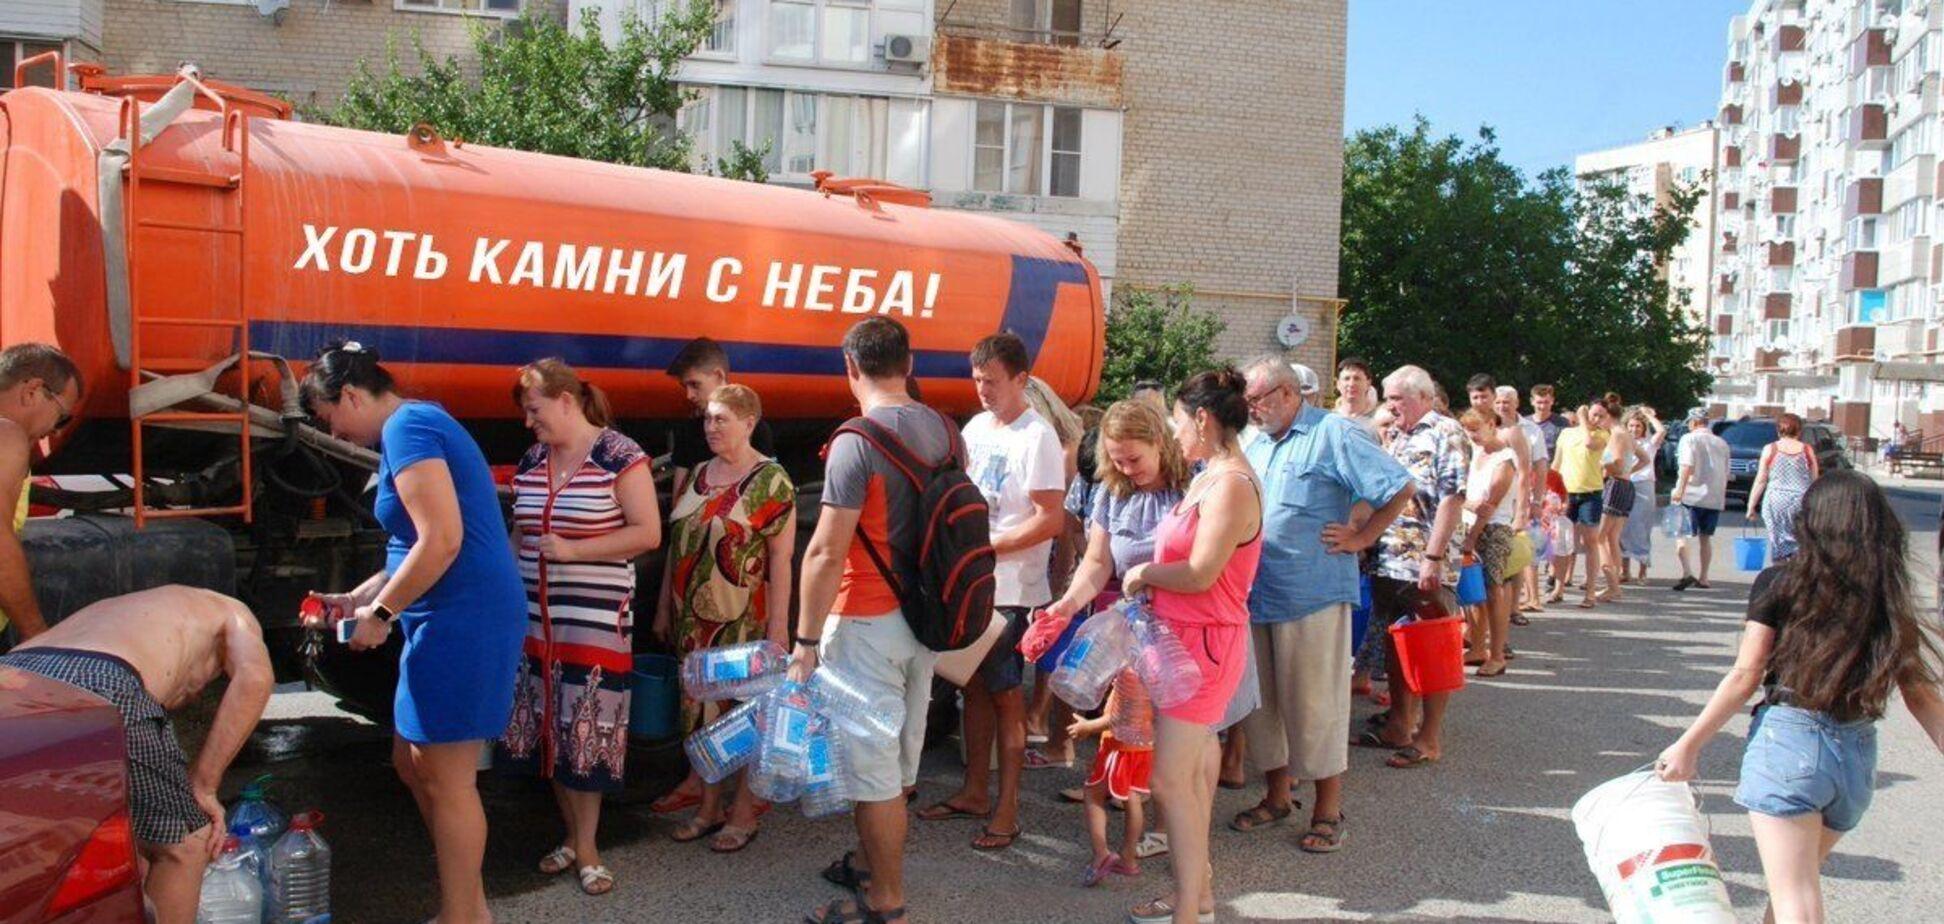 Новости Крымнаша. Предатели кричат, что Россия оказалась мачехой, которая забирает у них последнее!